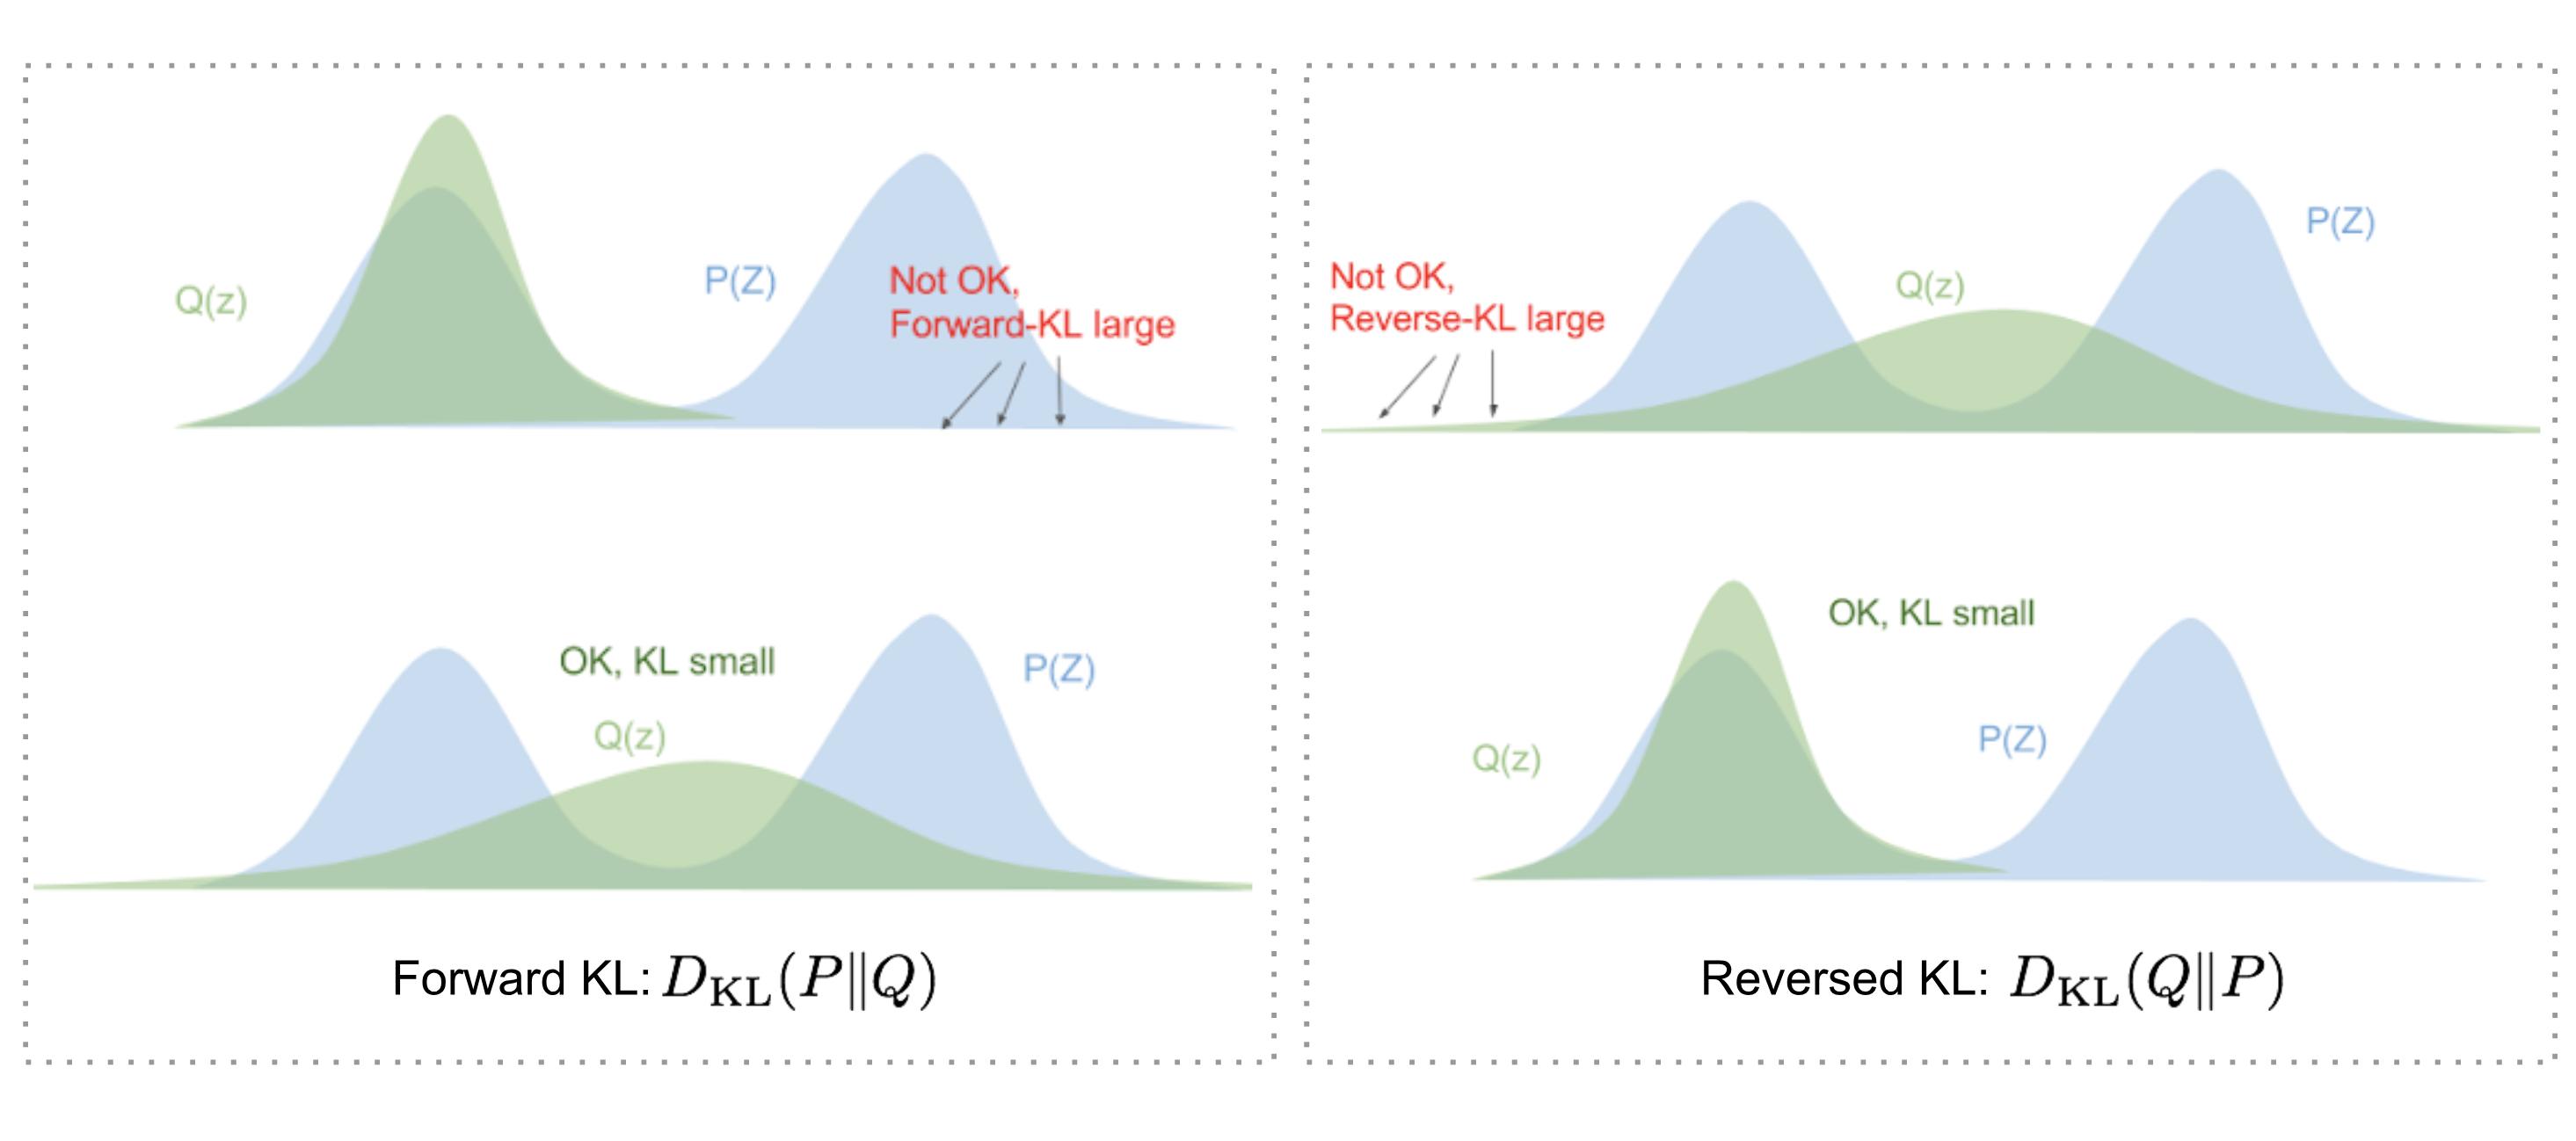 Forward vs reversed KL